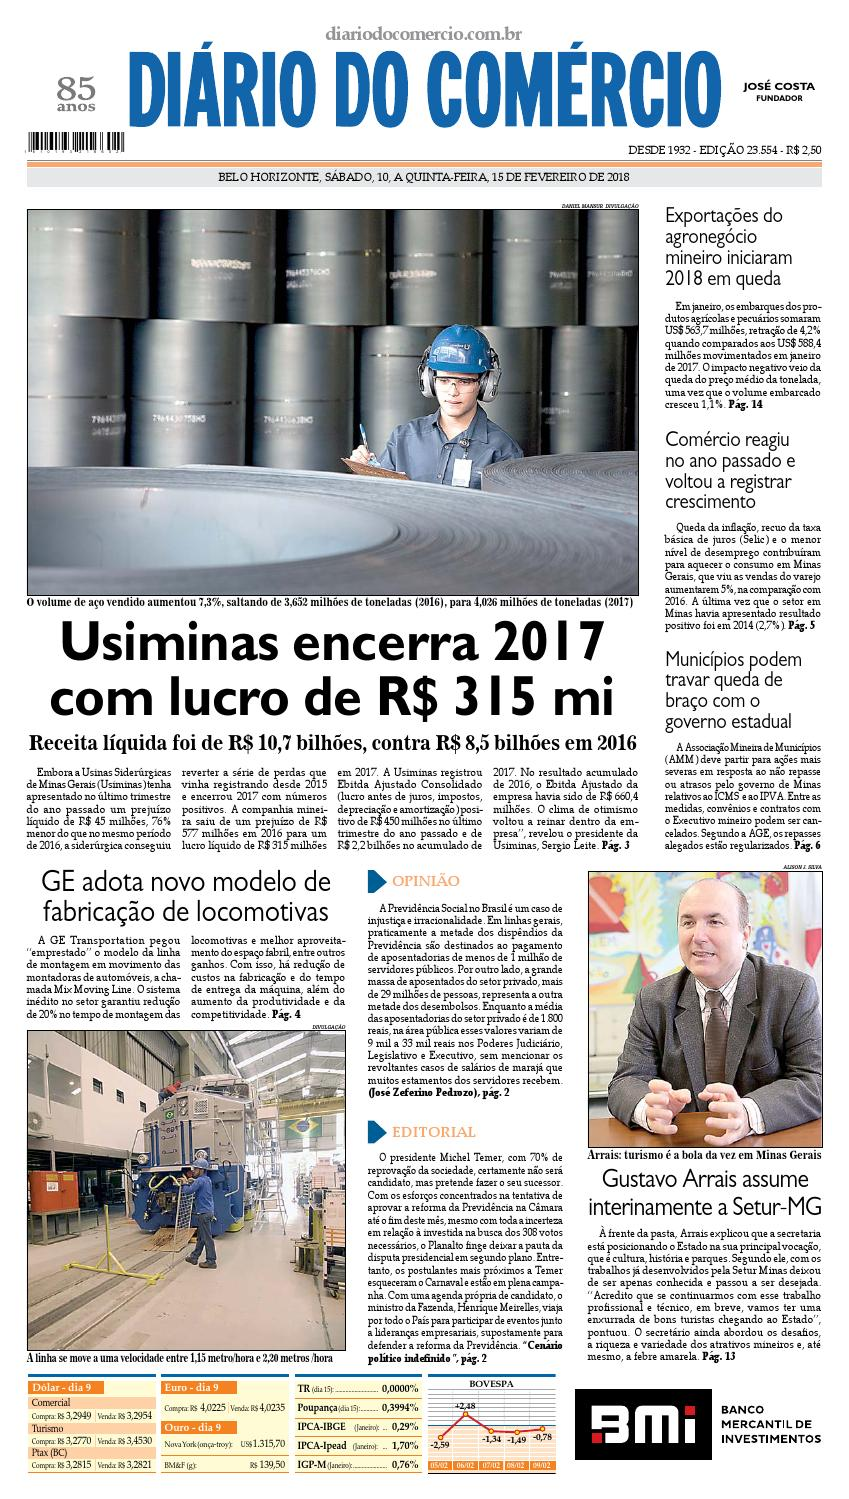 828e804815 23554 by Diário do Comércio - Belo Horizonte - issuu